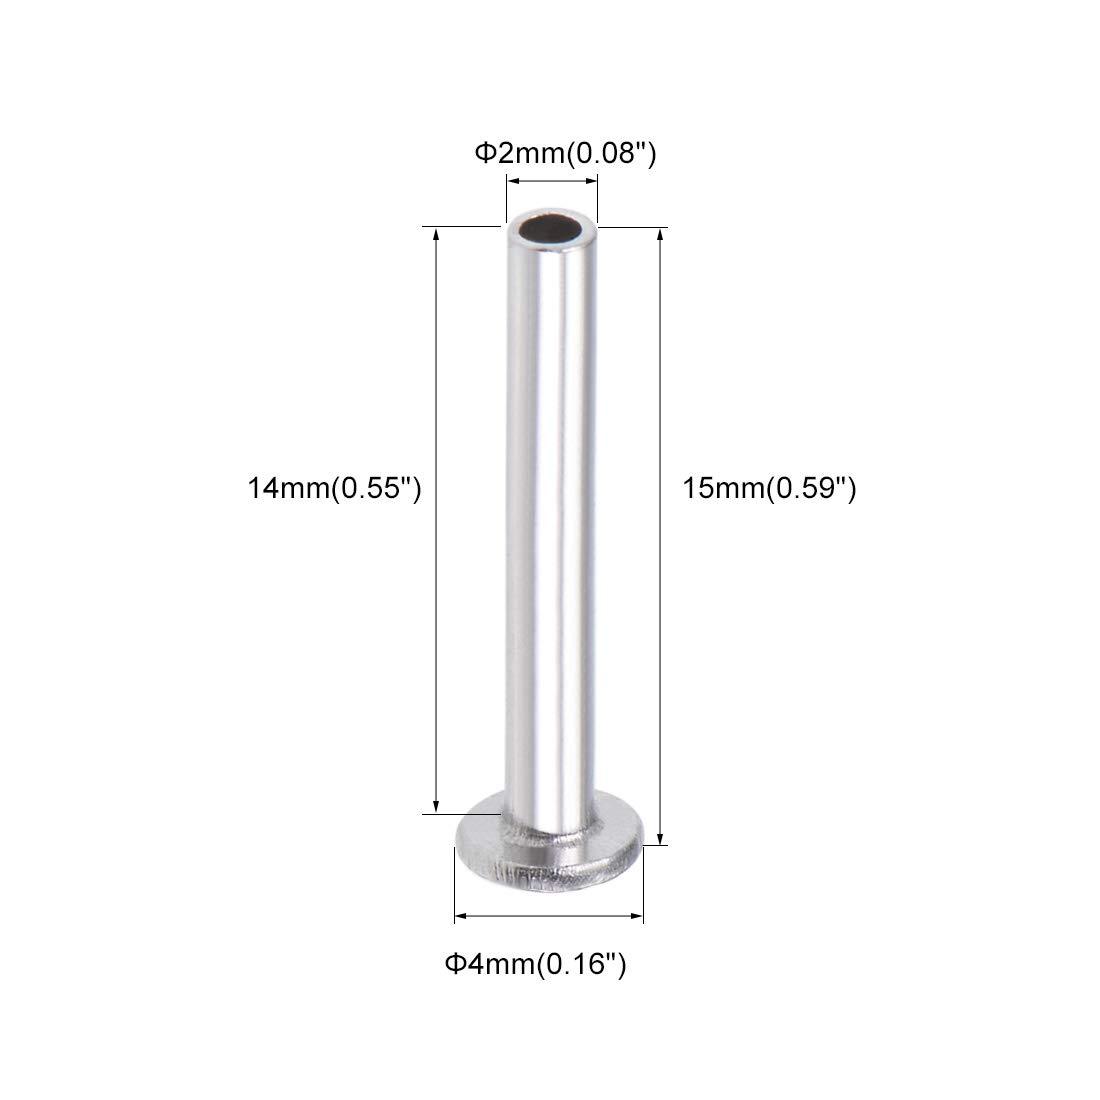 uxcell 100 Pcs M2 x 4mm Aluminum Flat Head Semi-Tubular Rivets Silver Tone